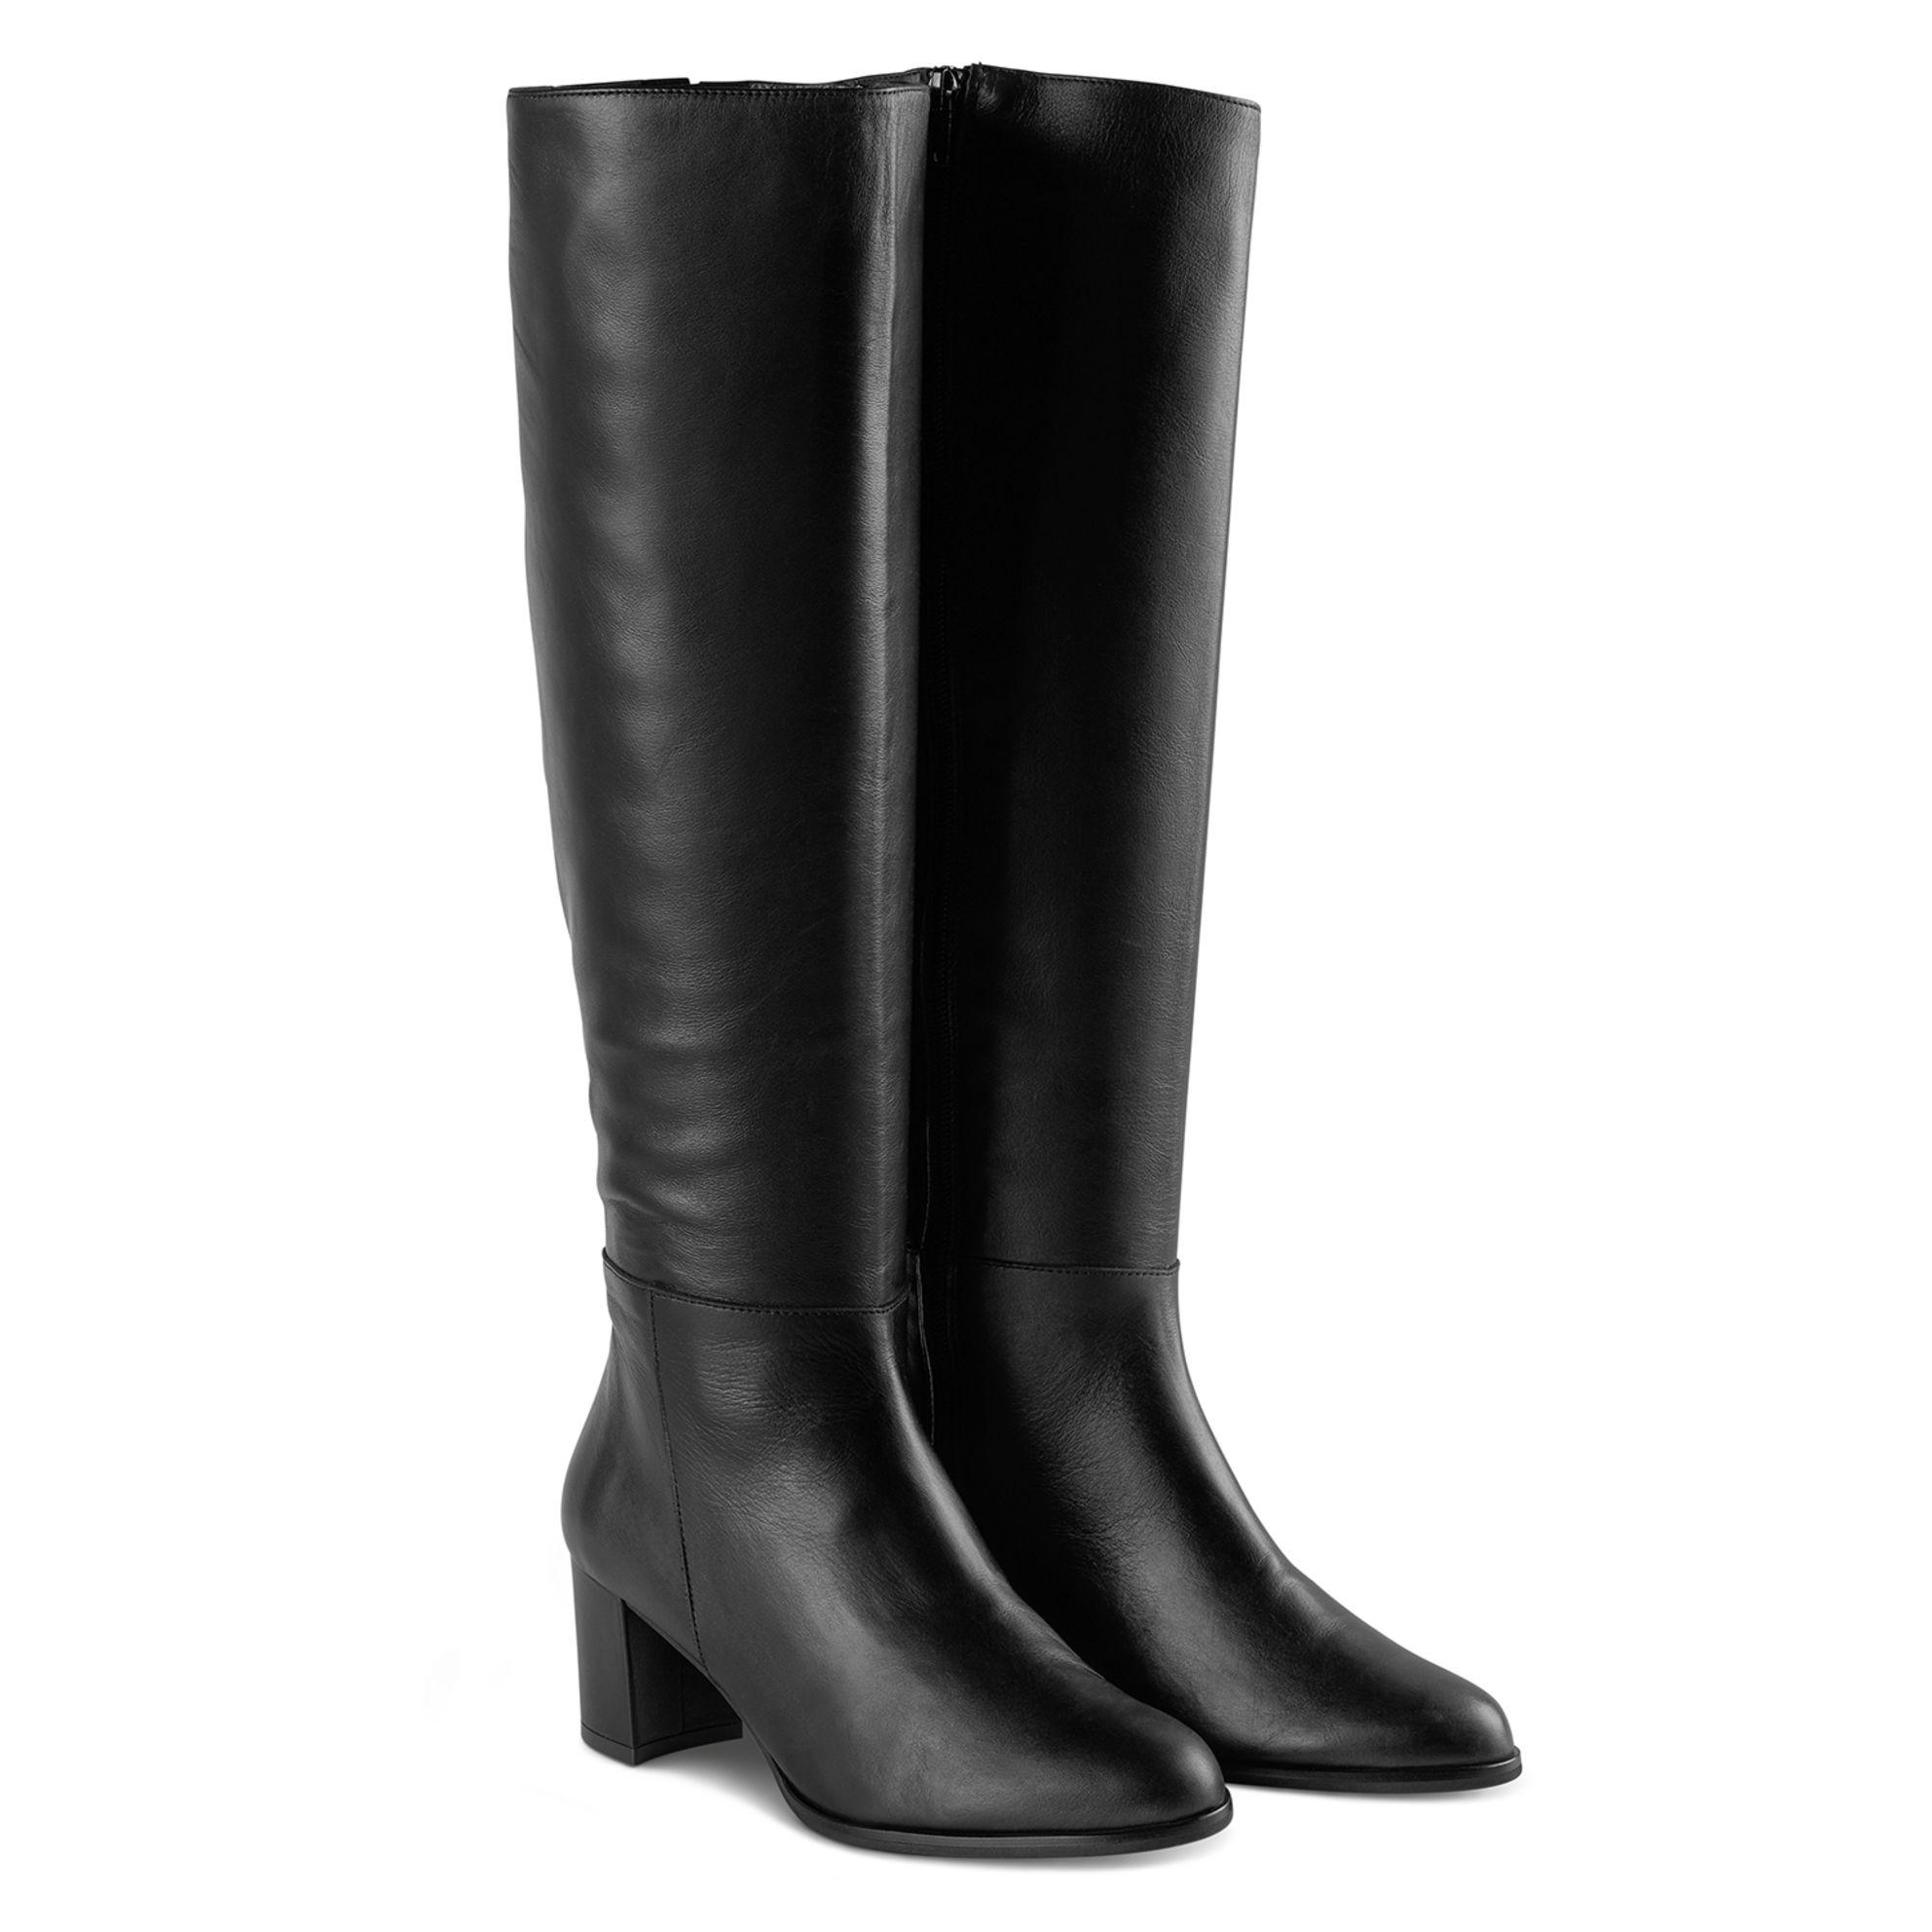 Klassischer Stiefel Schwarz  – modischer und bequemer Schuh für Hallux valgus und empfindliche Füße von LaShoe.de